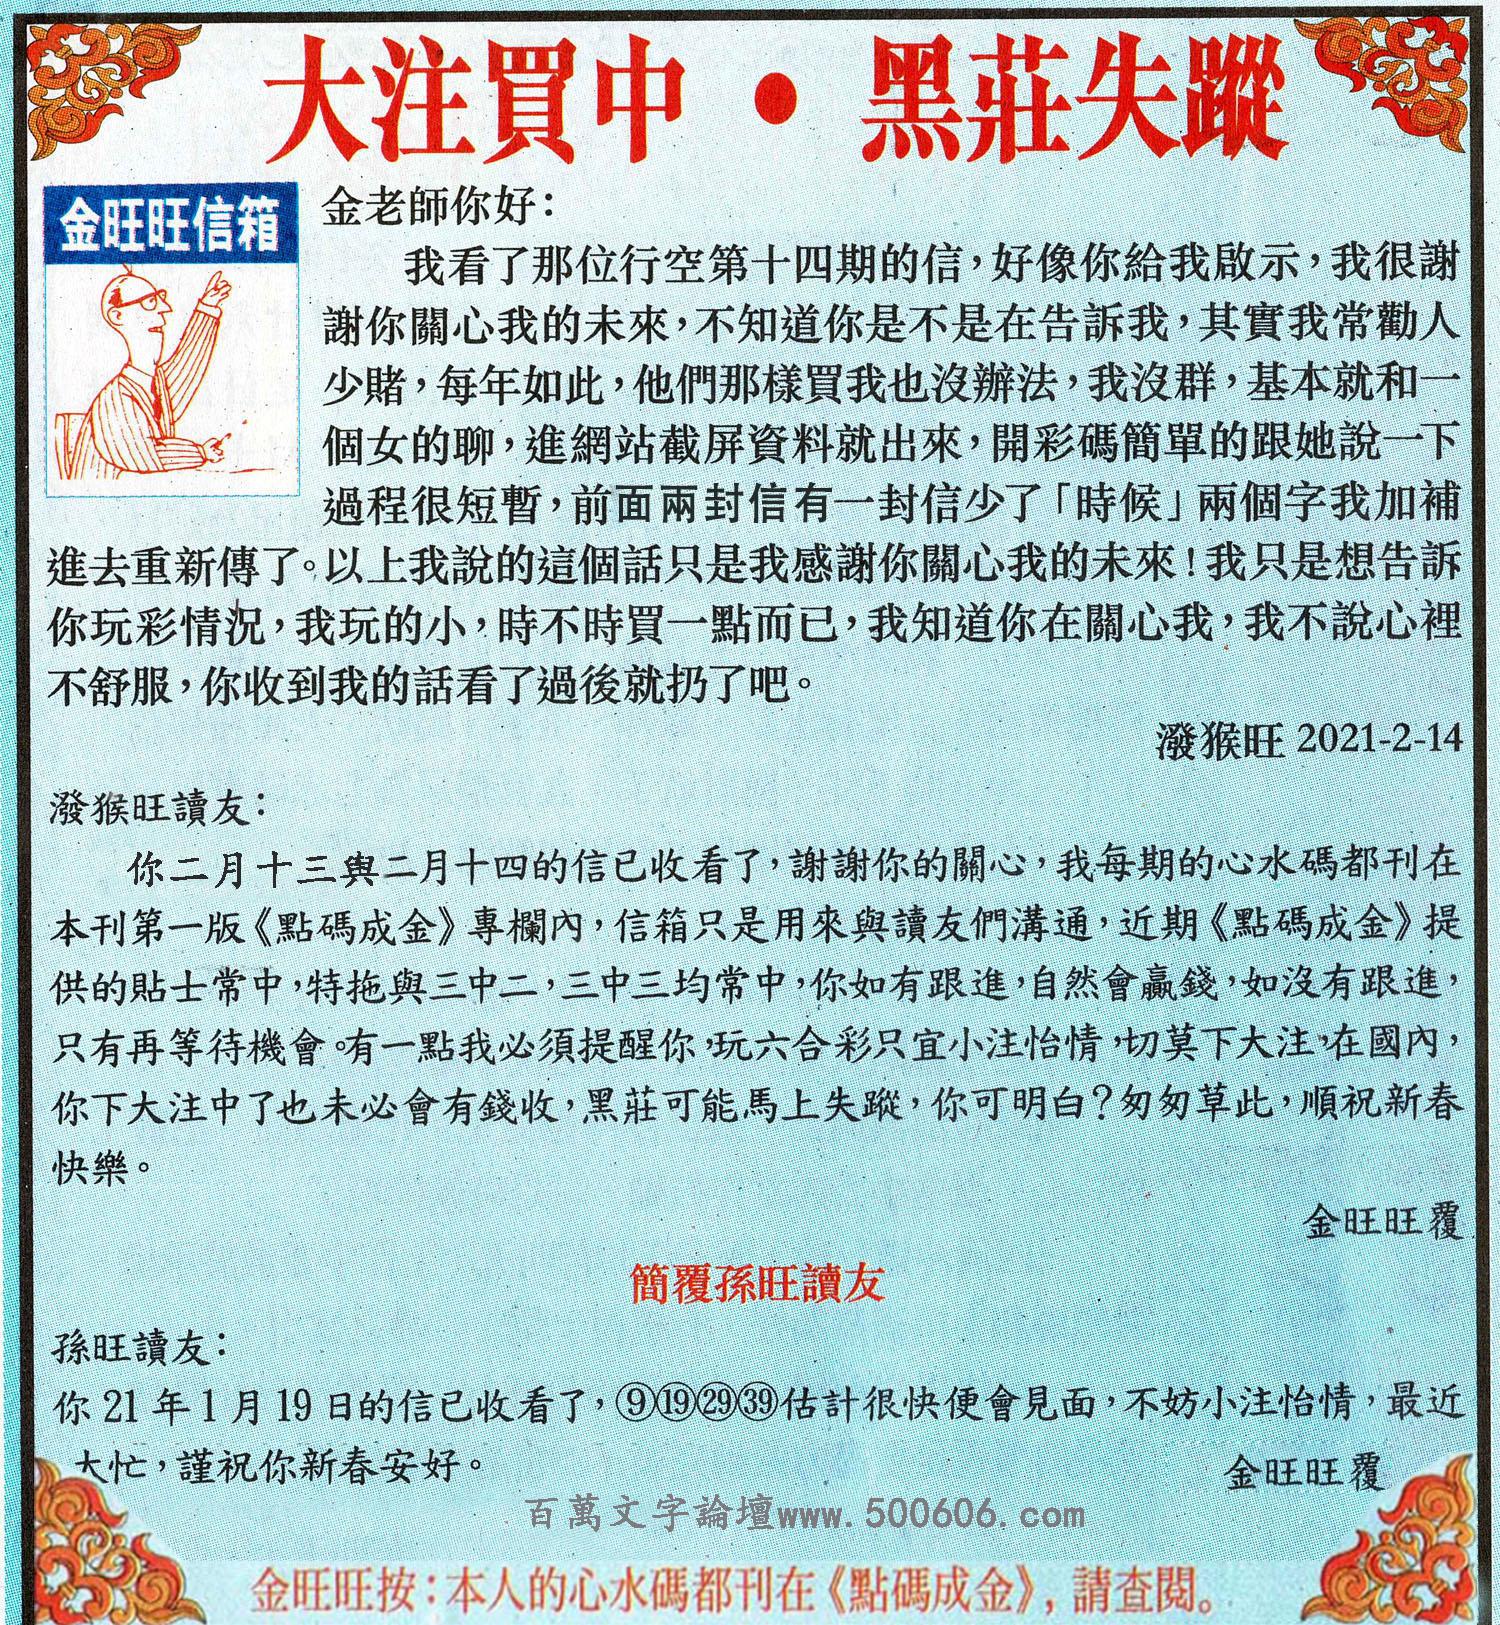 023期:金旺旺信箱彩民推荐→→《大注�I中・黑�f失�》